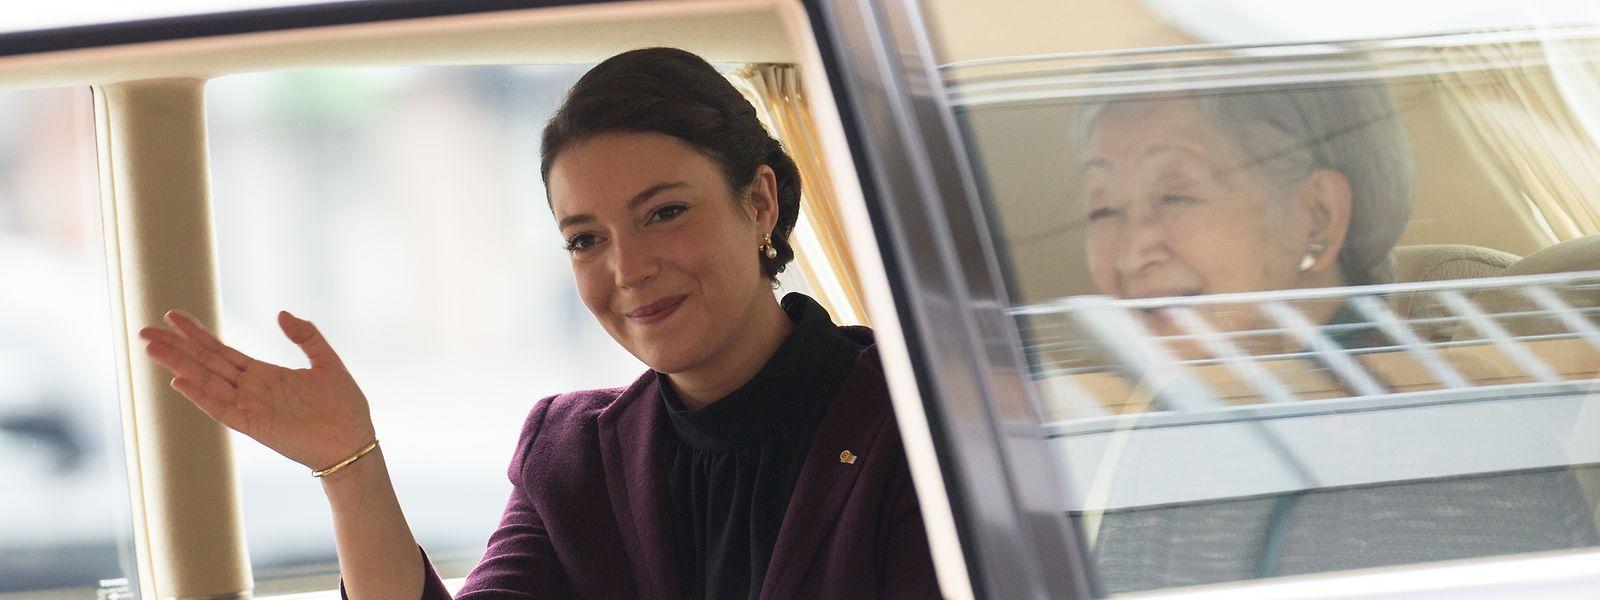 Prinzessin Alexandra - hier neben der emeritierten japanischen Kaiserin Michiko - vertrat 2017 ihre Mutter, Großherzogin Maria Teresa, beim Staatsbesuch in Japan.